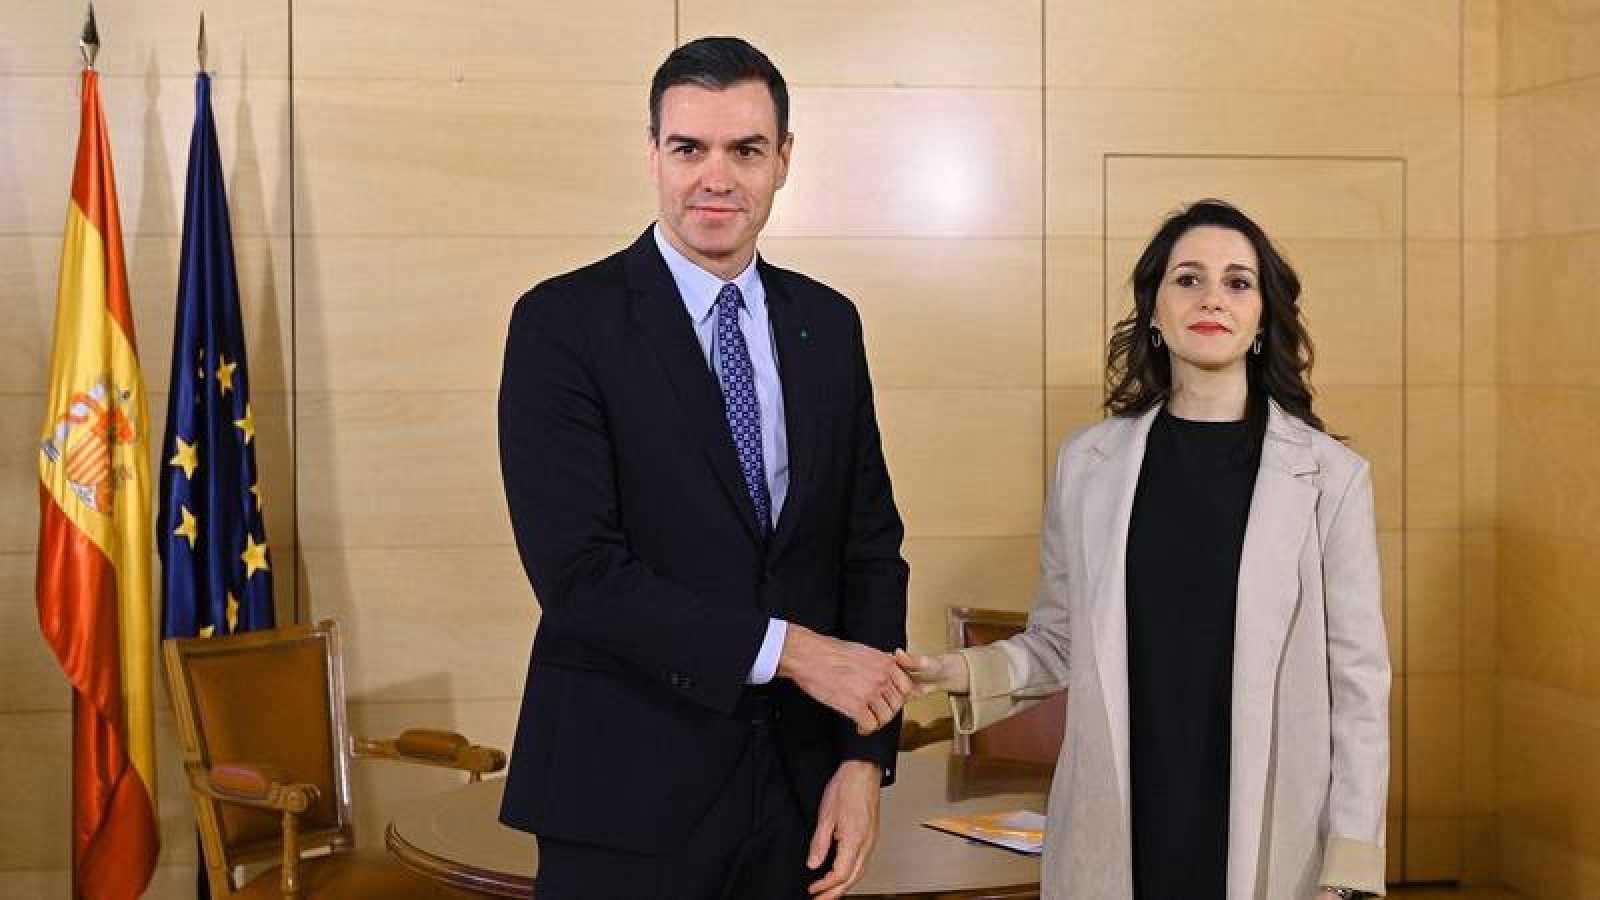 Las conversaciones entre Sánchez y Arrimadas formaron parte del acuerdo para la prórroga del estado de alarma